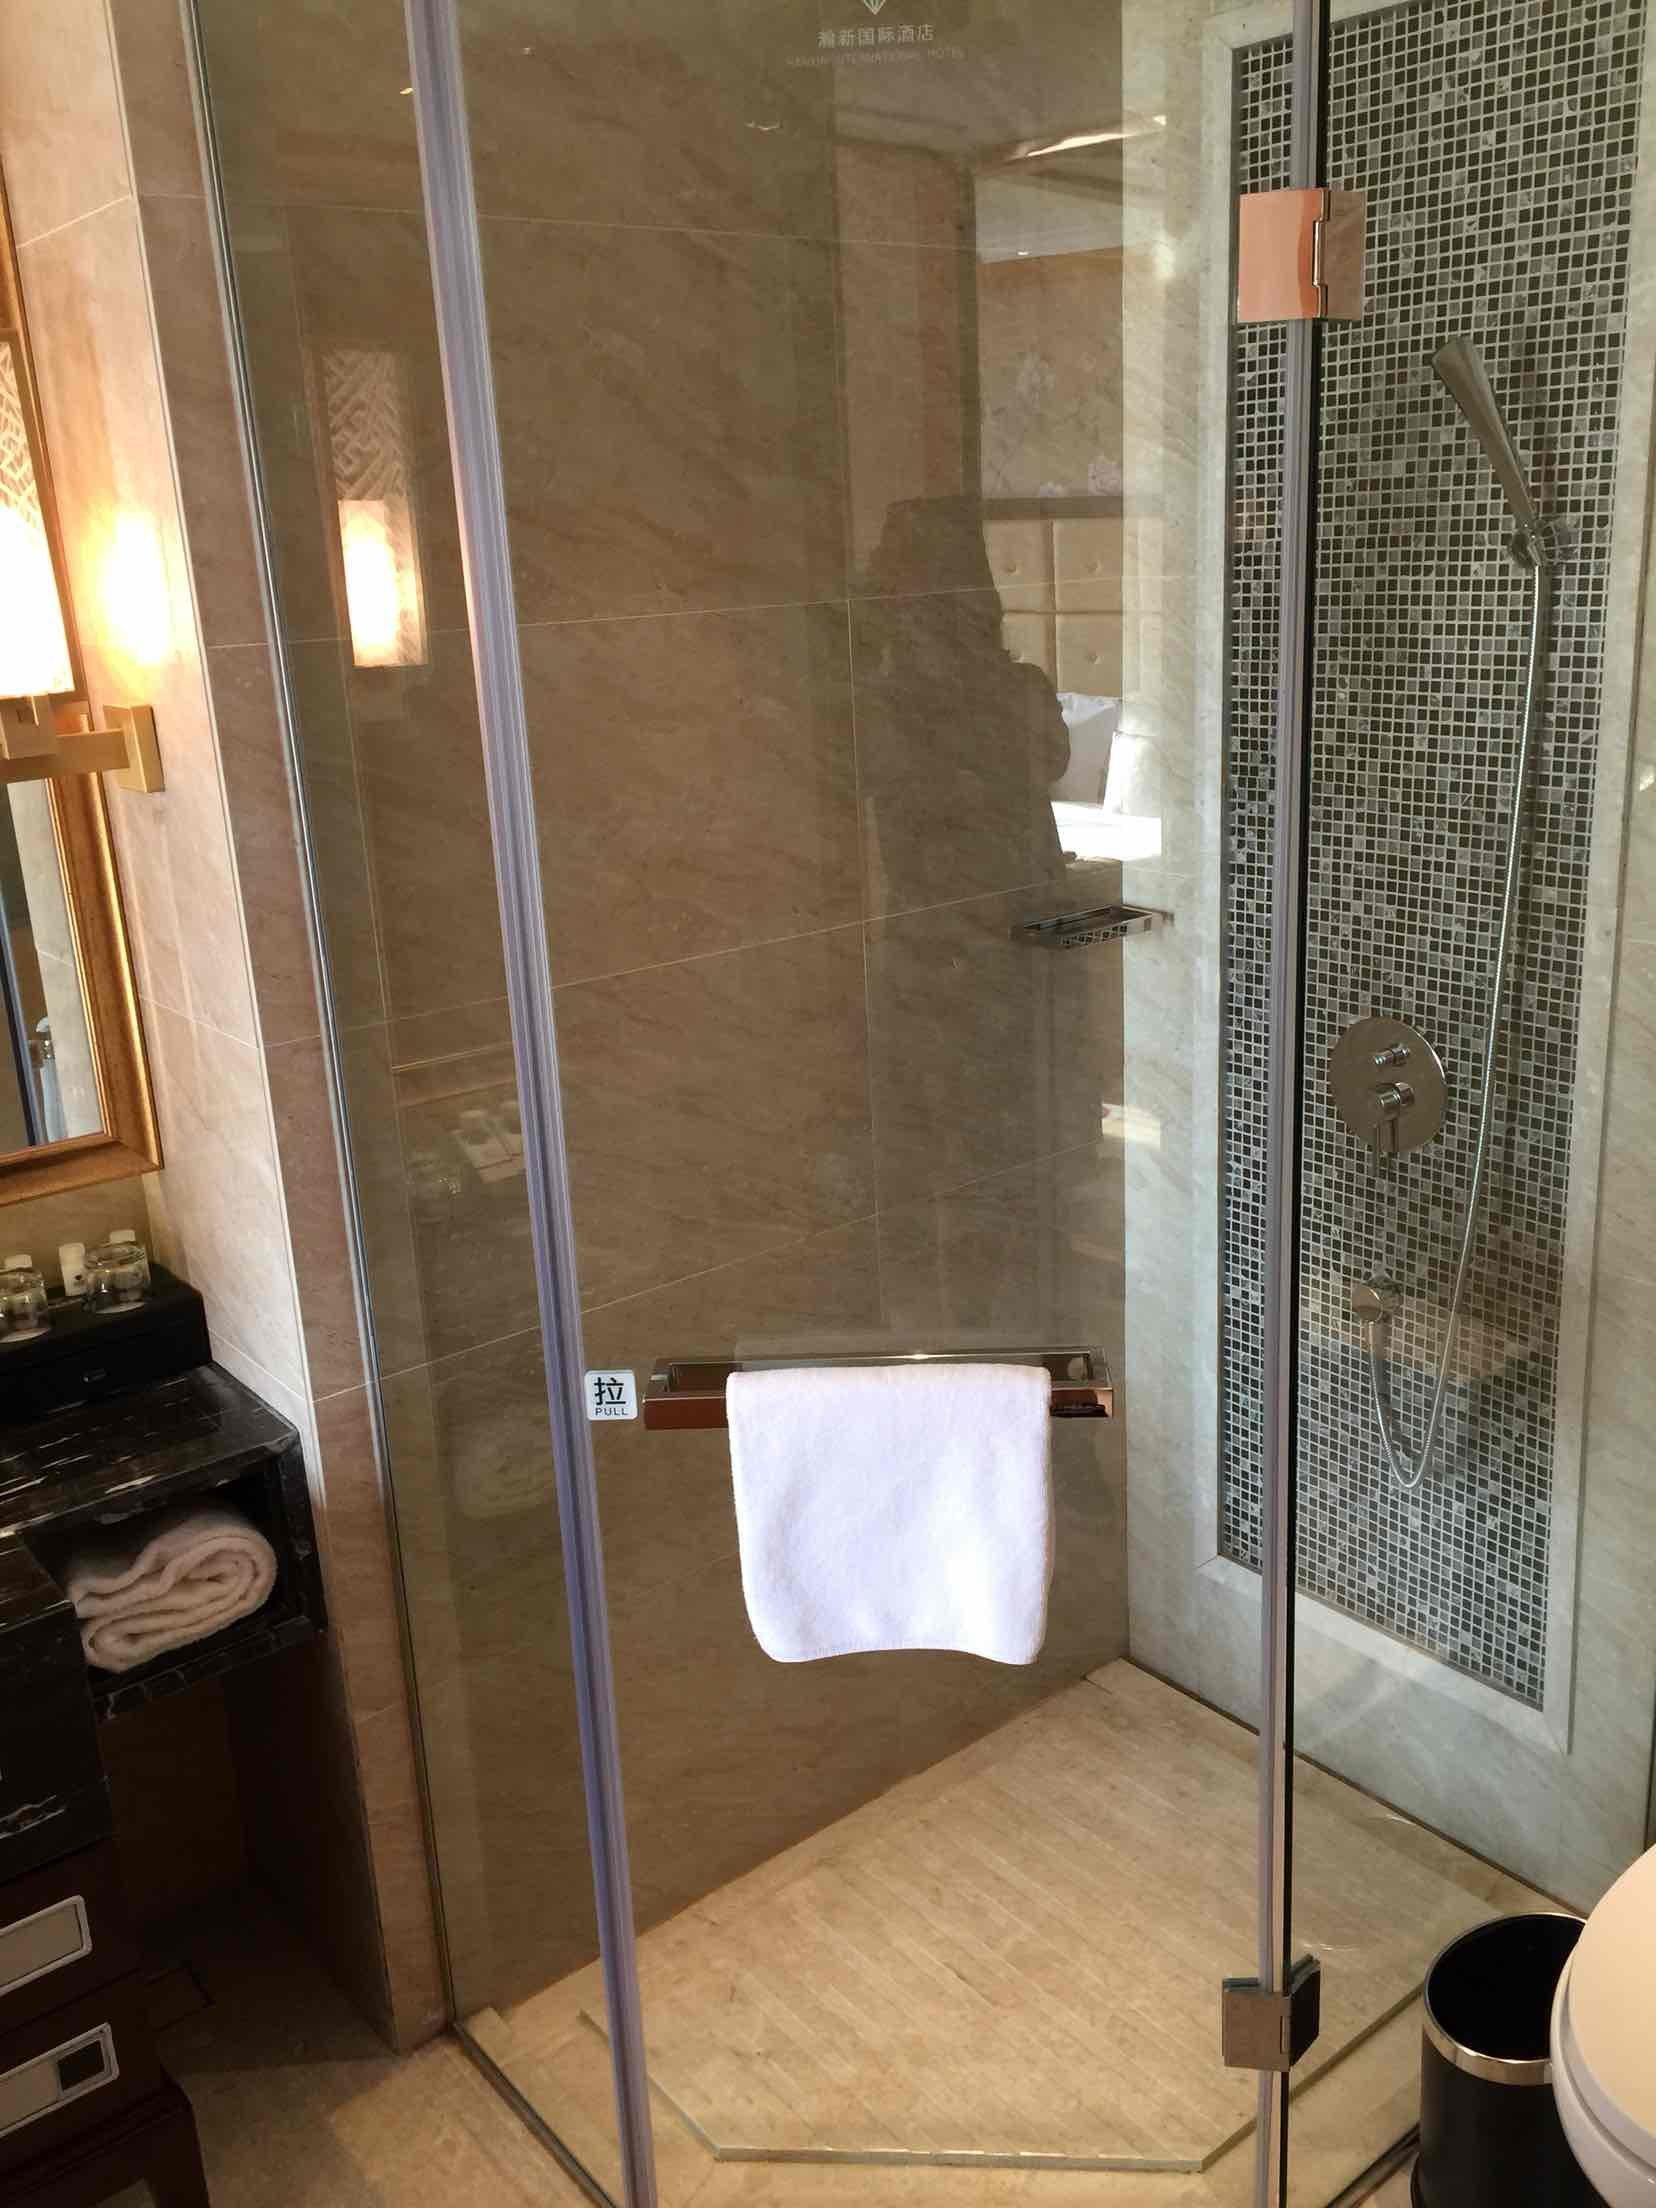 厕所 家居 设计 卫生间 卫生间装修 装修 1656_2208 竖版 竖屏